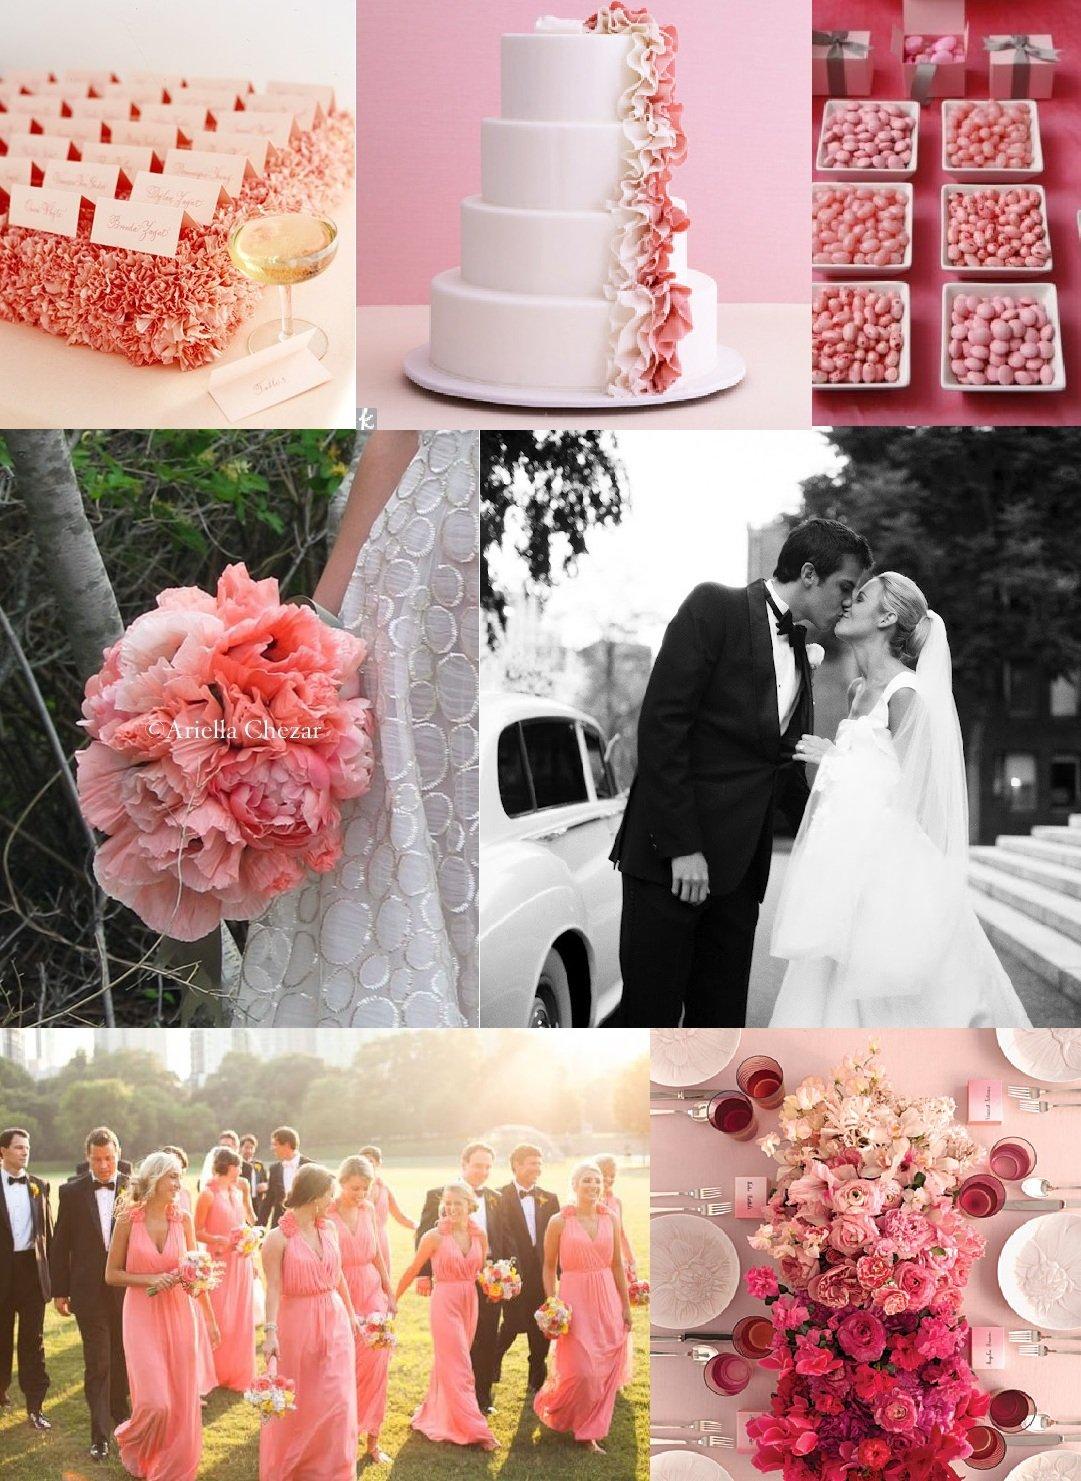 Pink, Valentine's Day